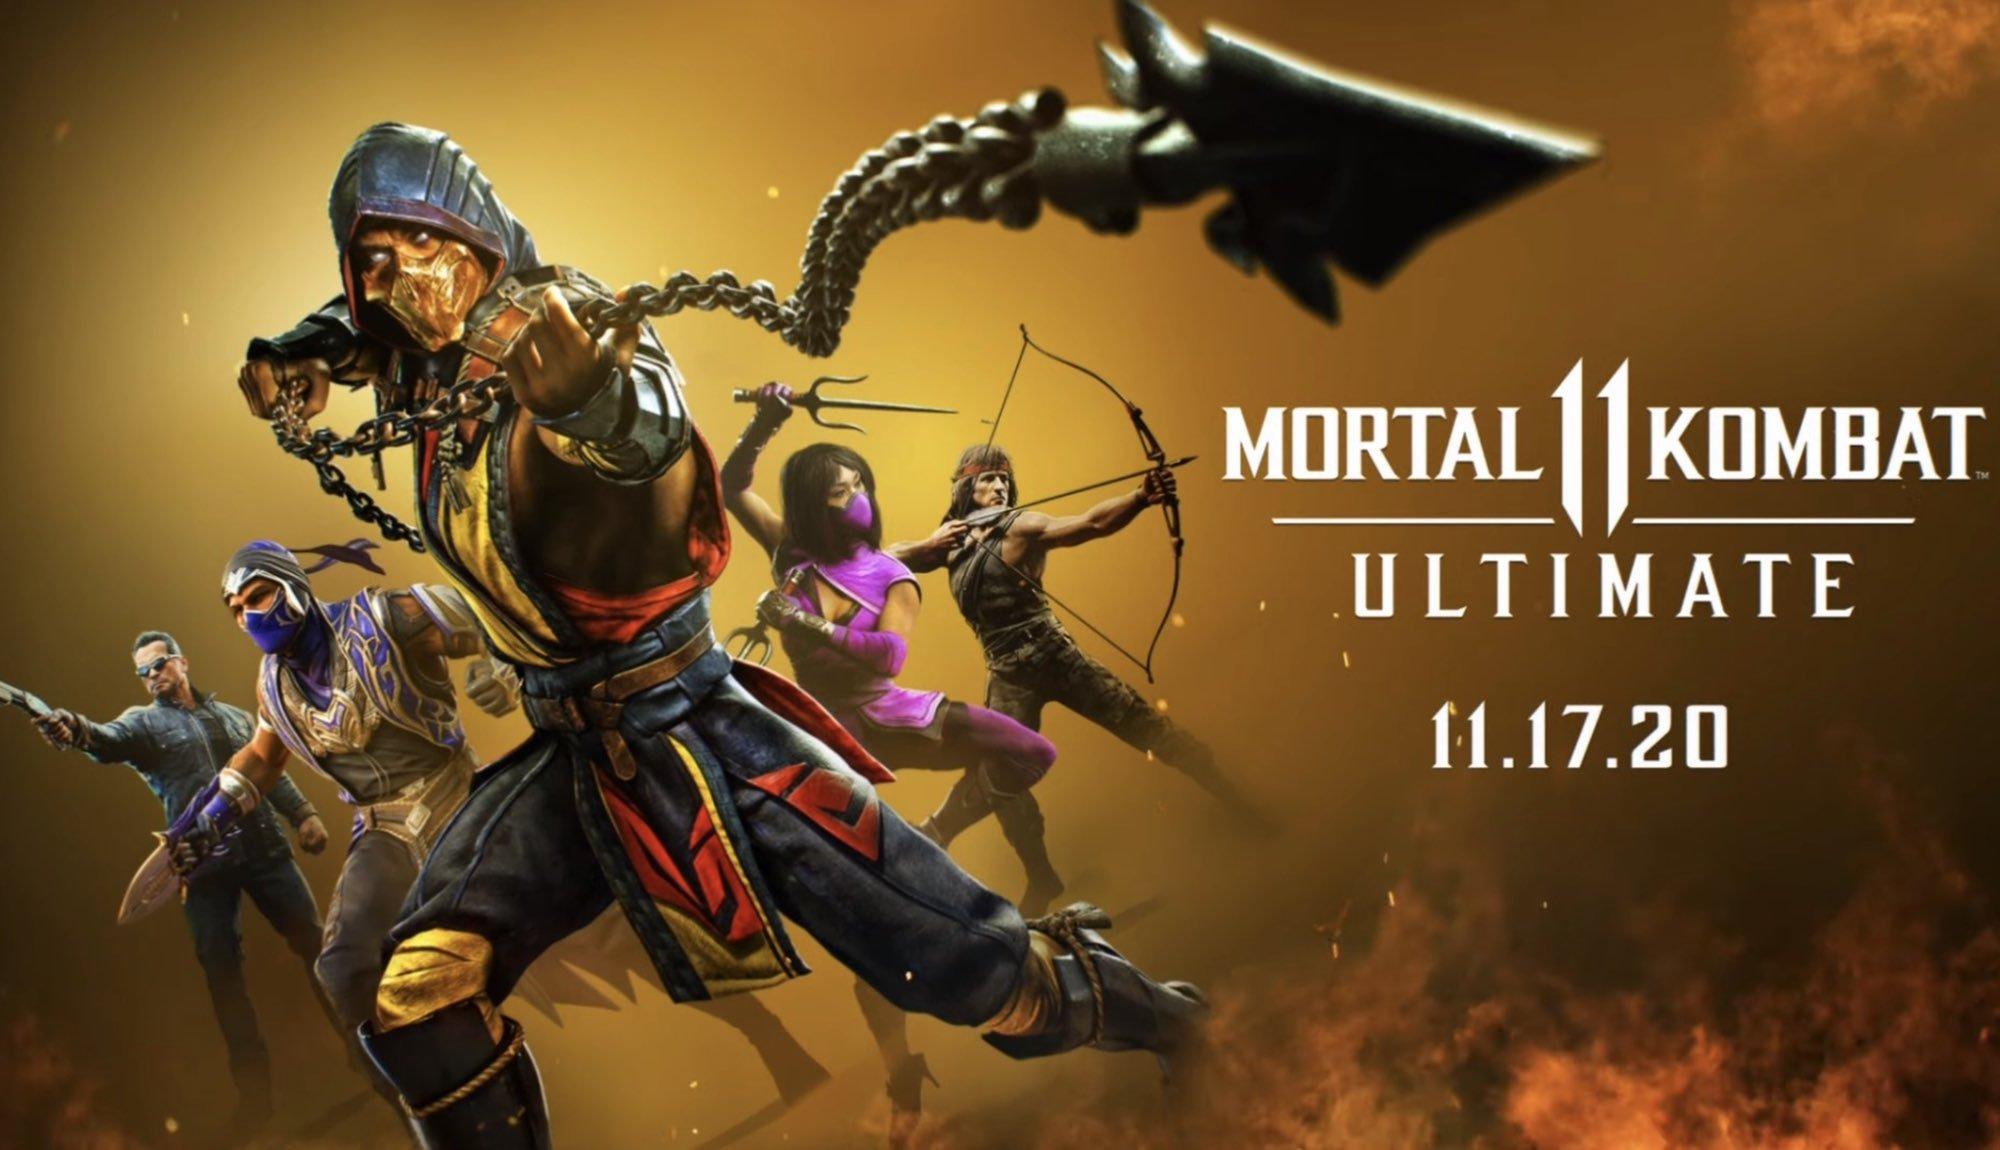 NetherRealm oznámilo Mortal Kombat 11 Ultimate, včetně verzí pro next-gen konzole